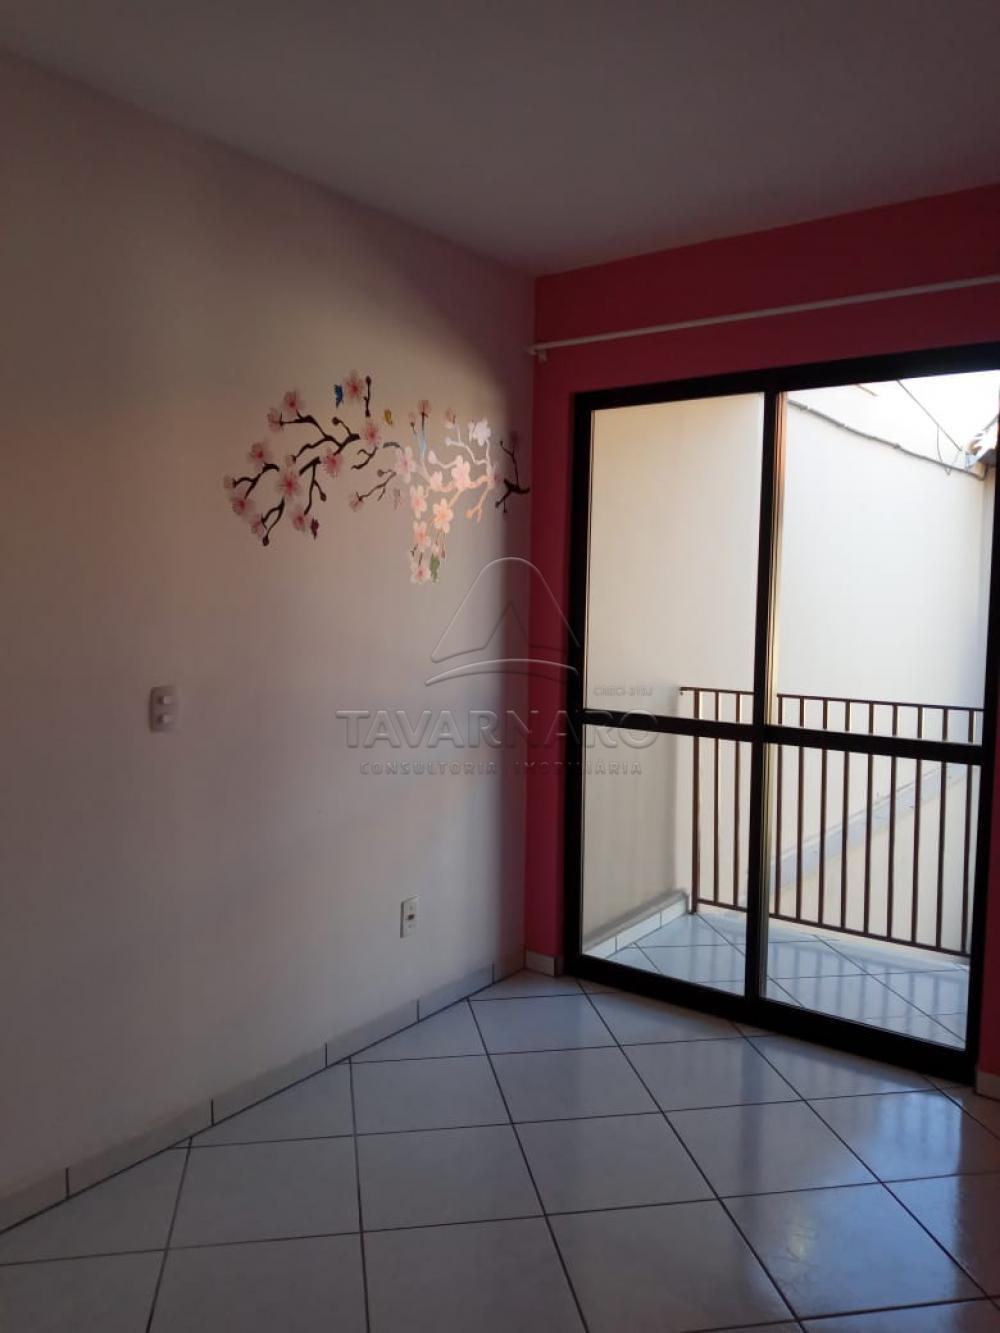 Alugar Casa / Sobrado em Ponta Grossa R$ 950,00 - Foto 18